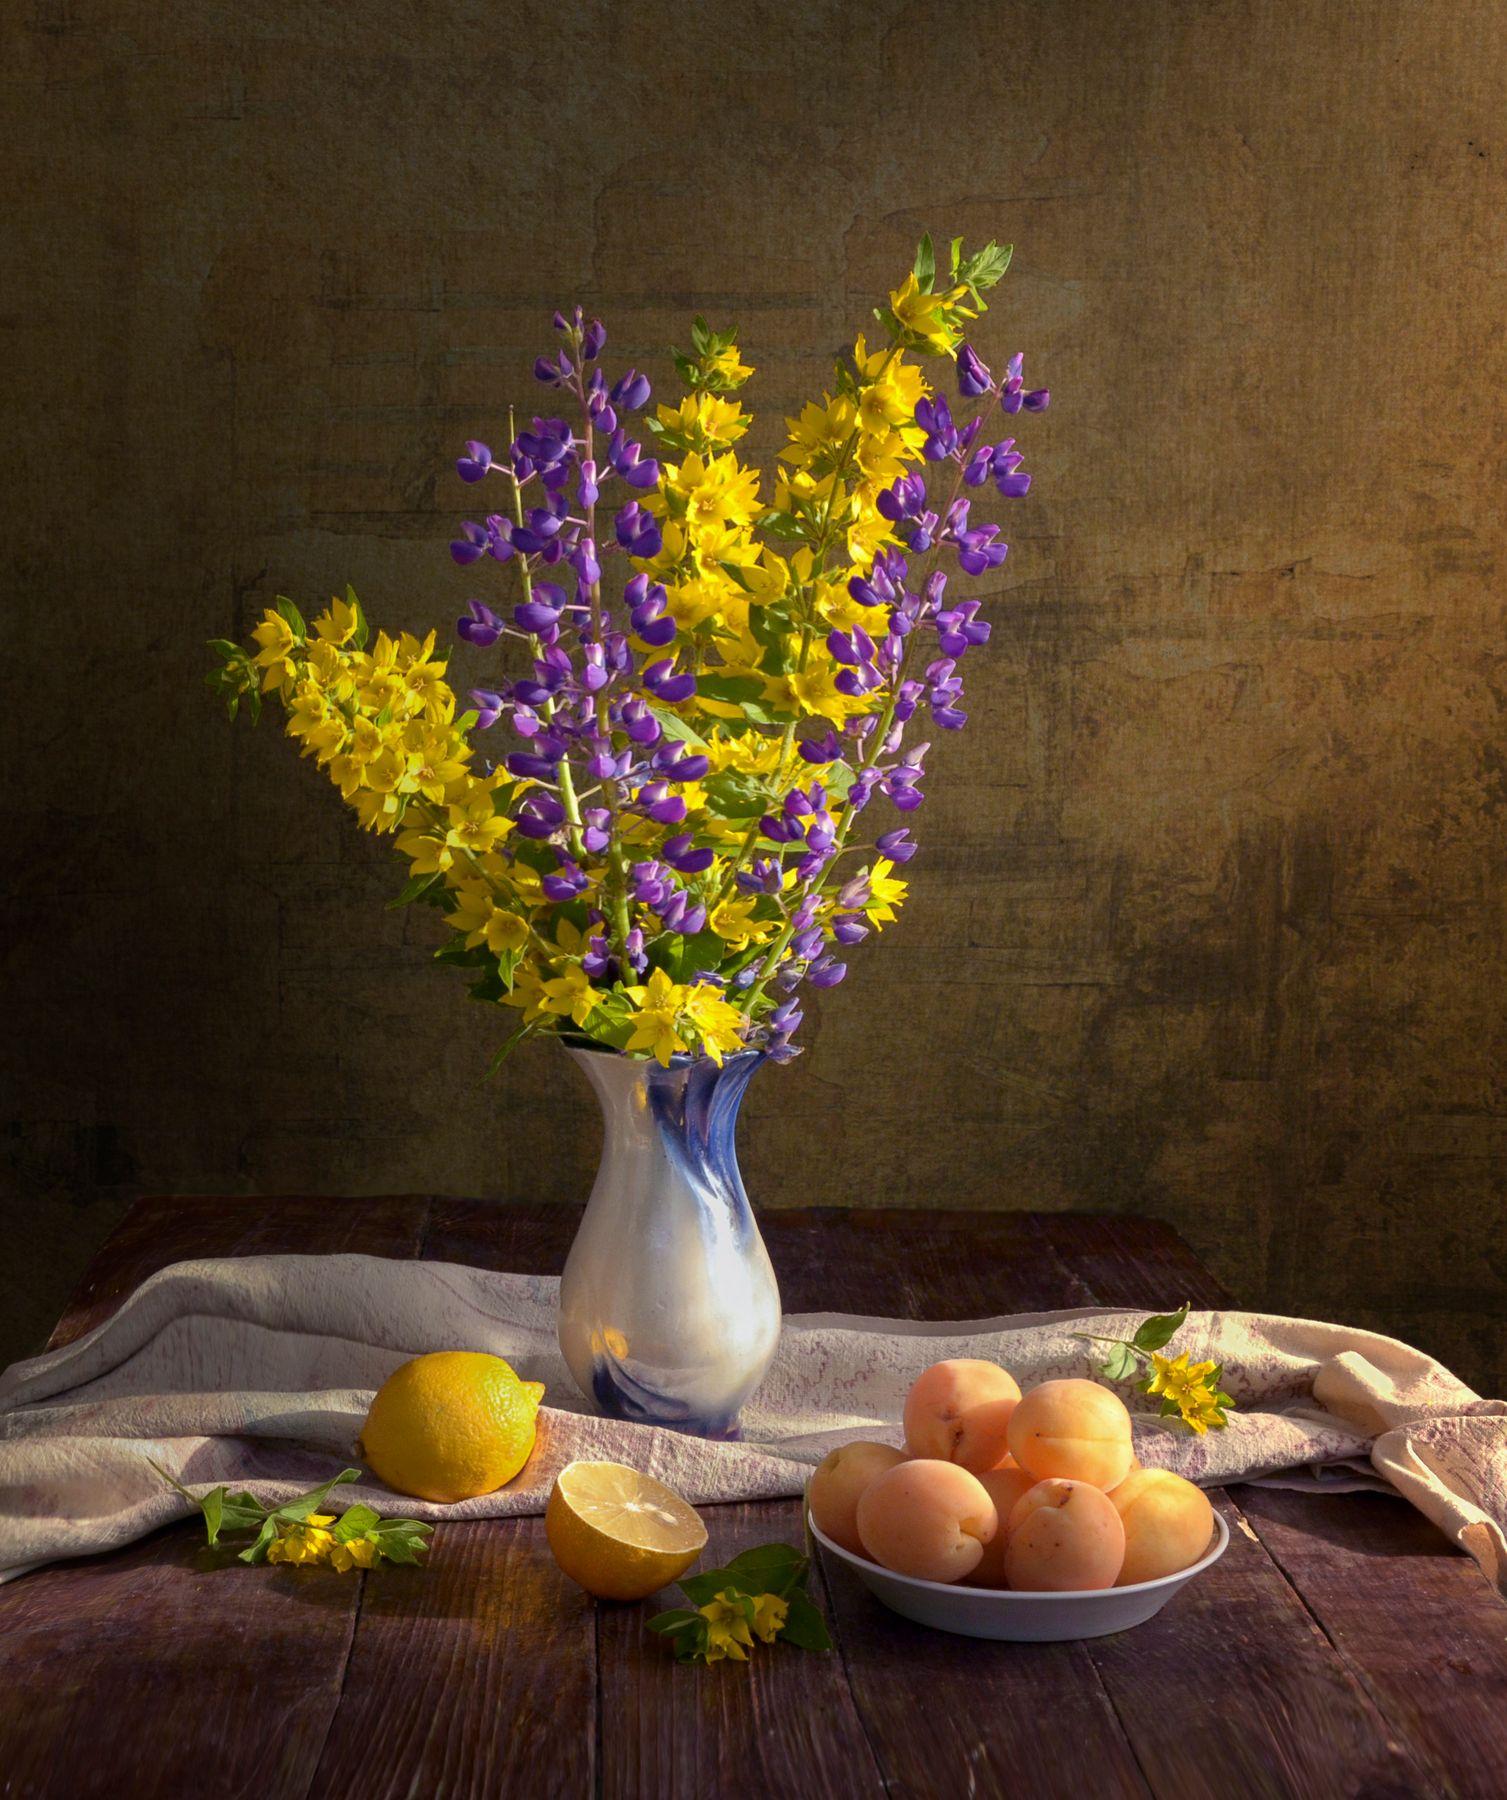 *** цветы в вазе персики лимон